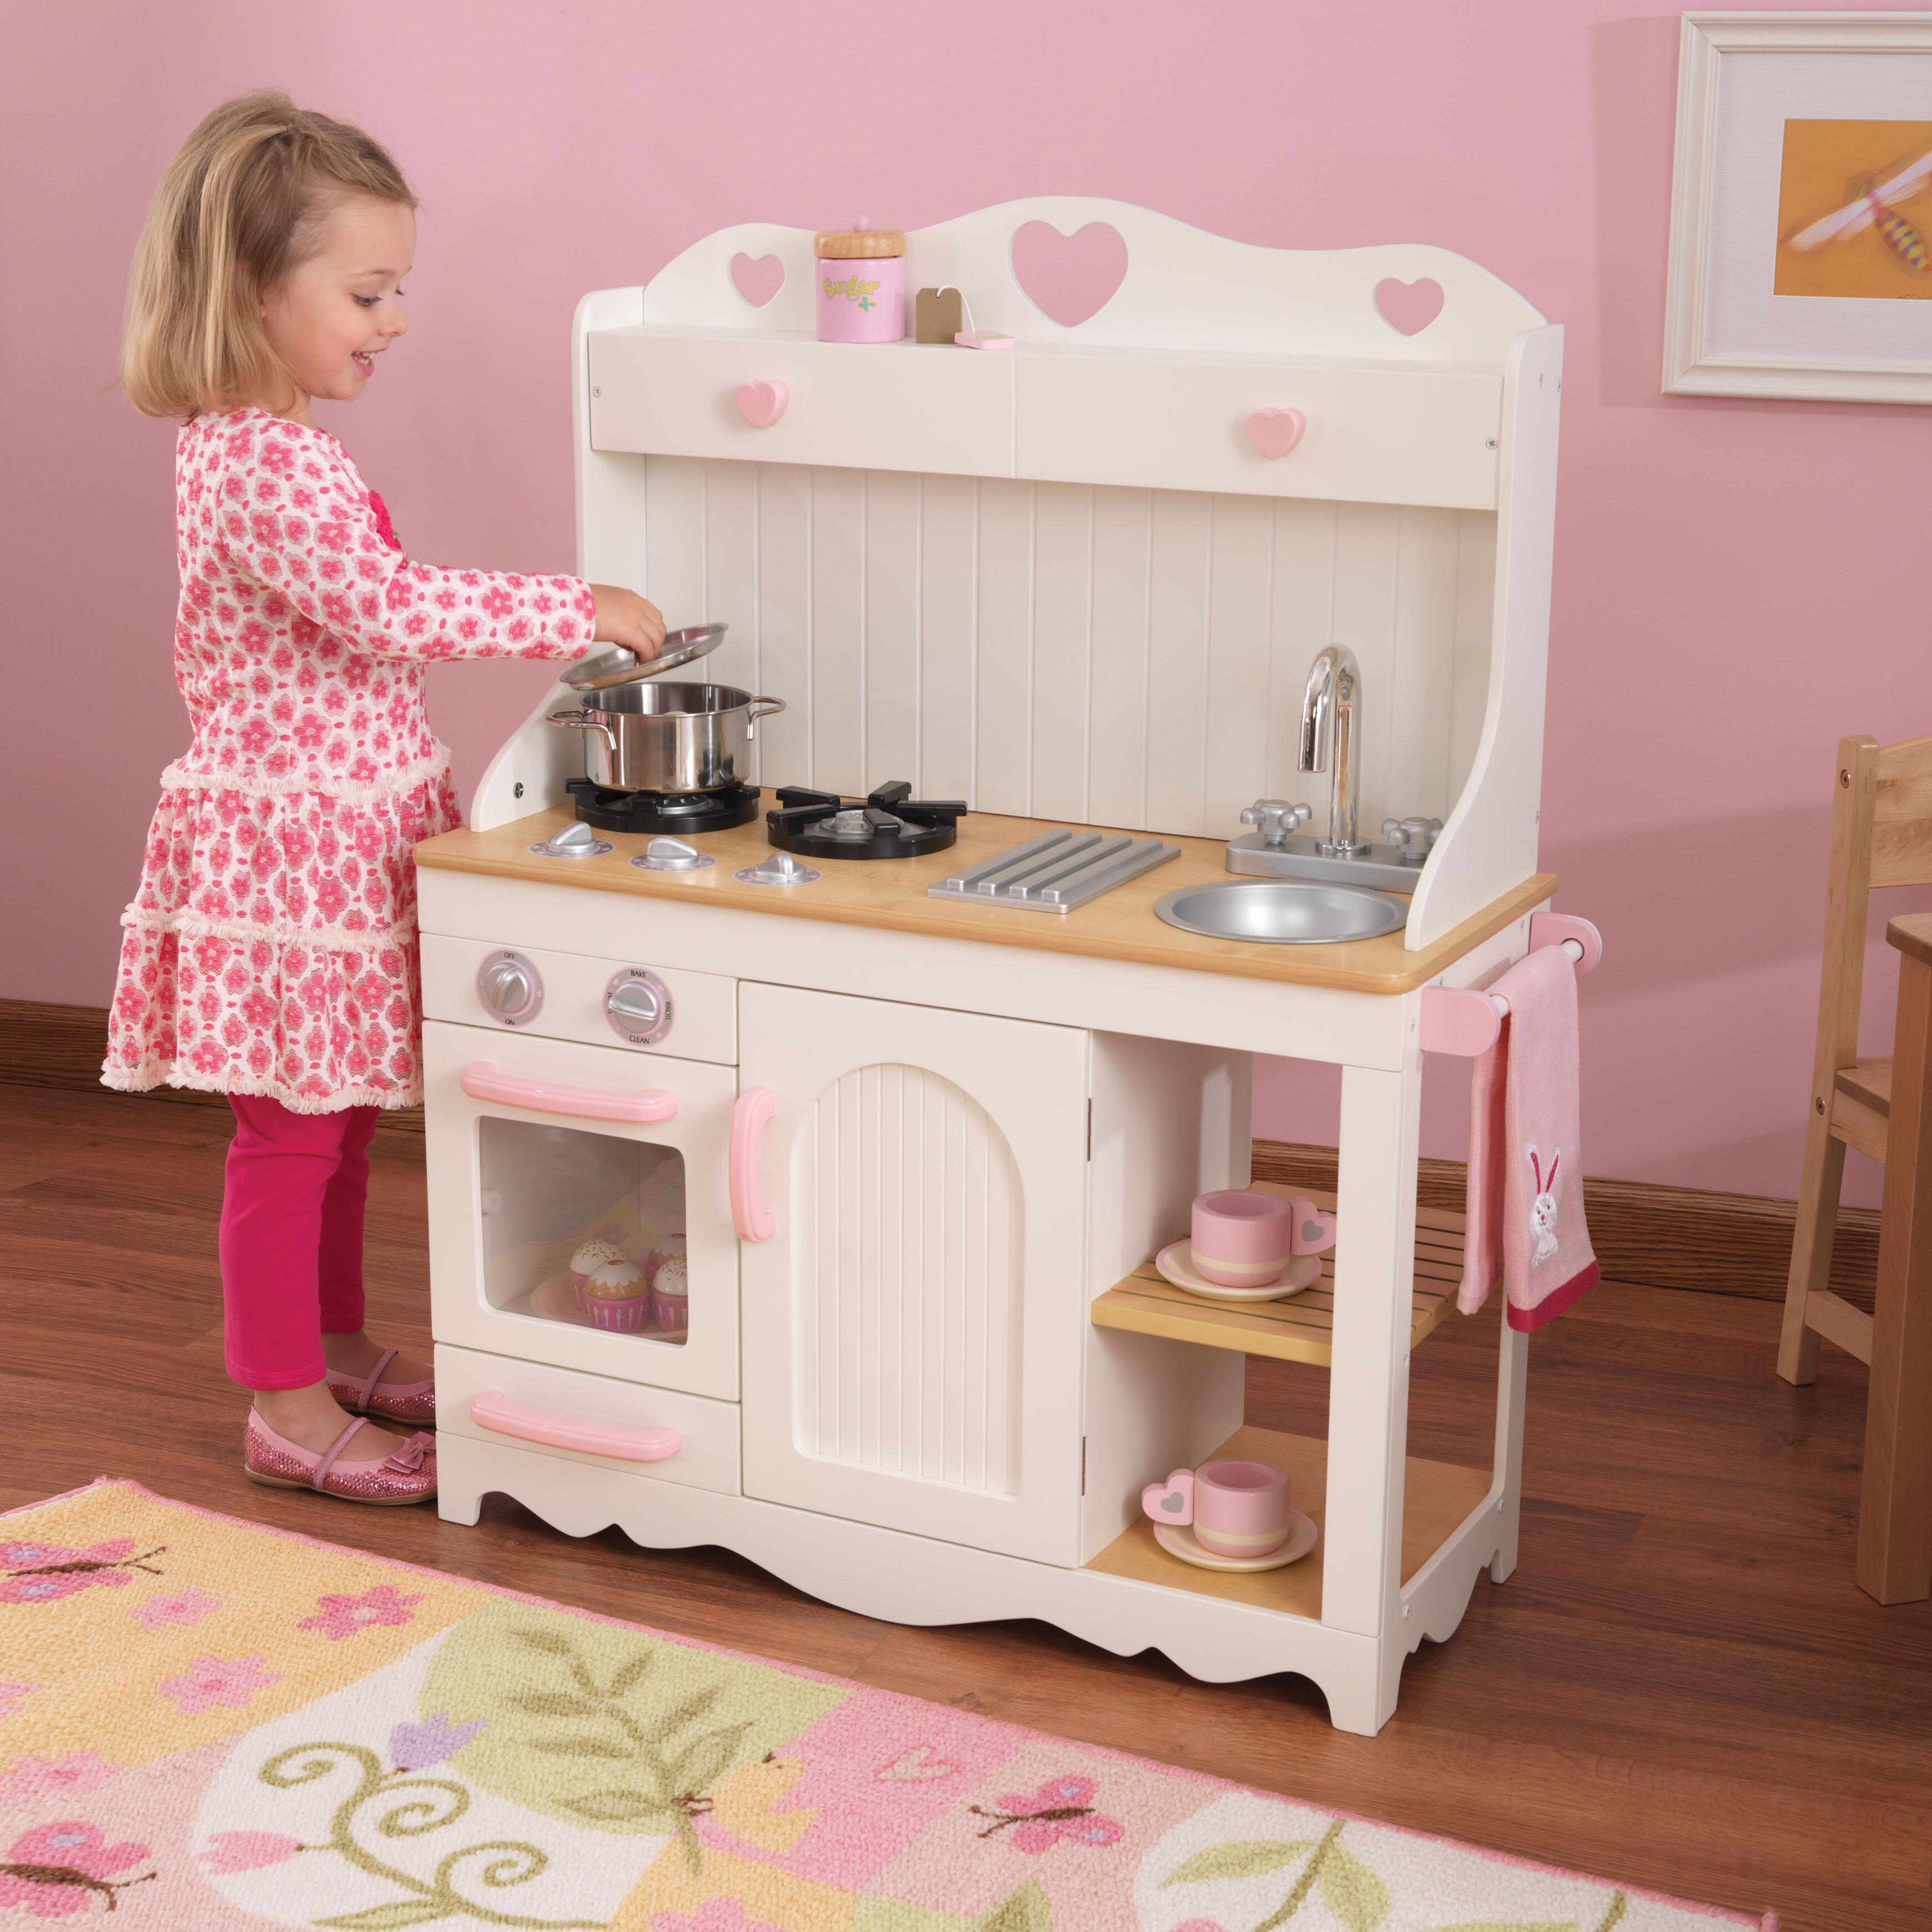 KidKraft Kinderküche Prairie & Bewertungen